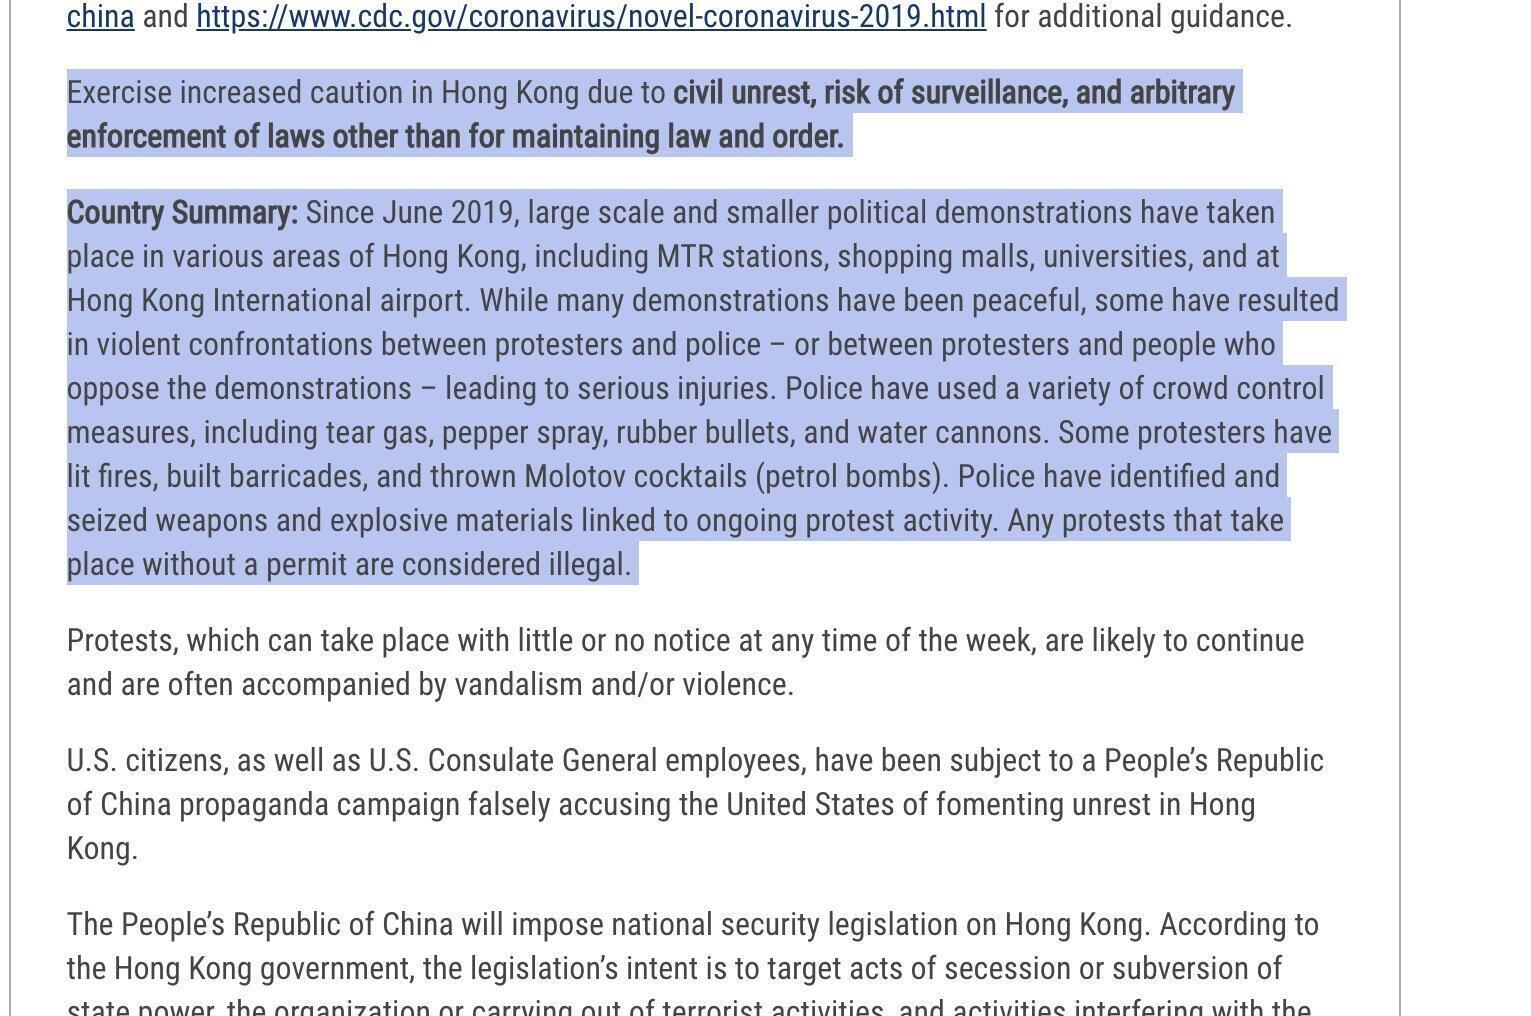 美國國務院更新香港旅遊啟示提醒謹防任意執法